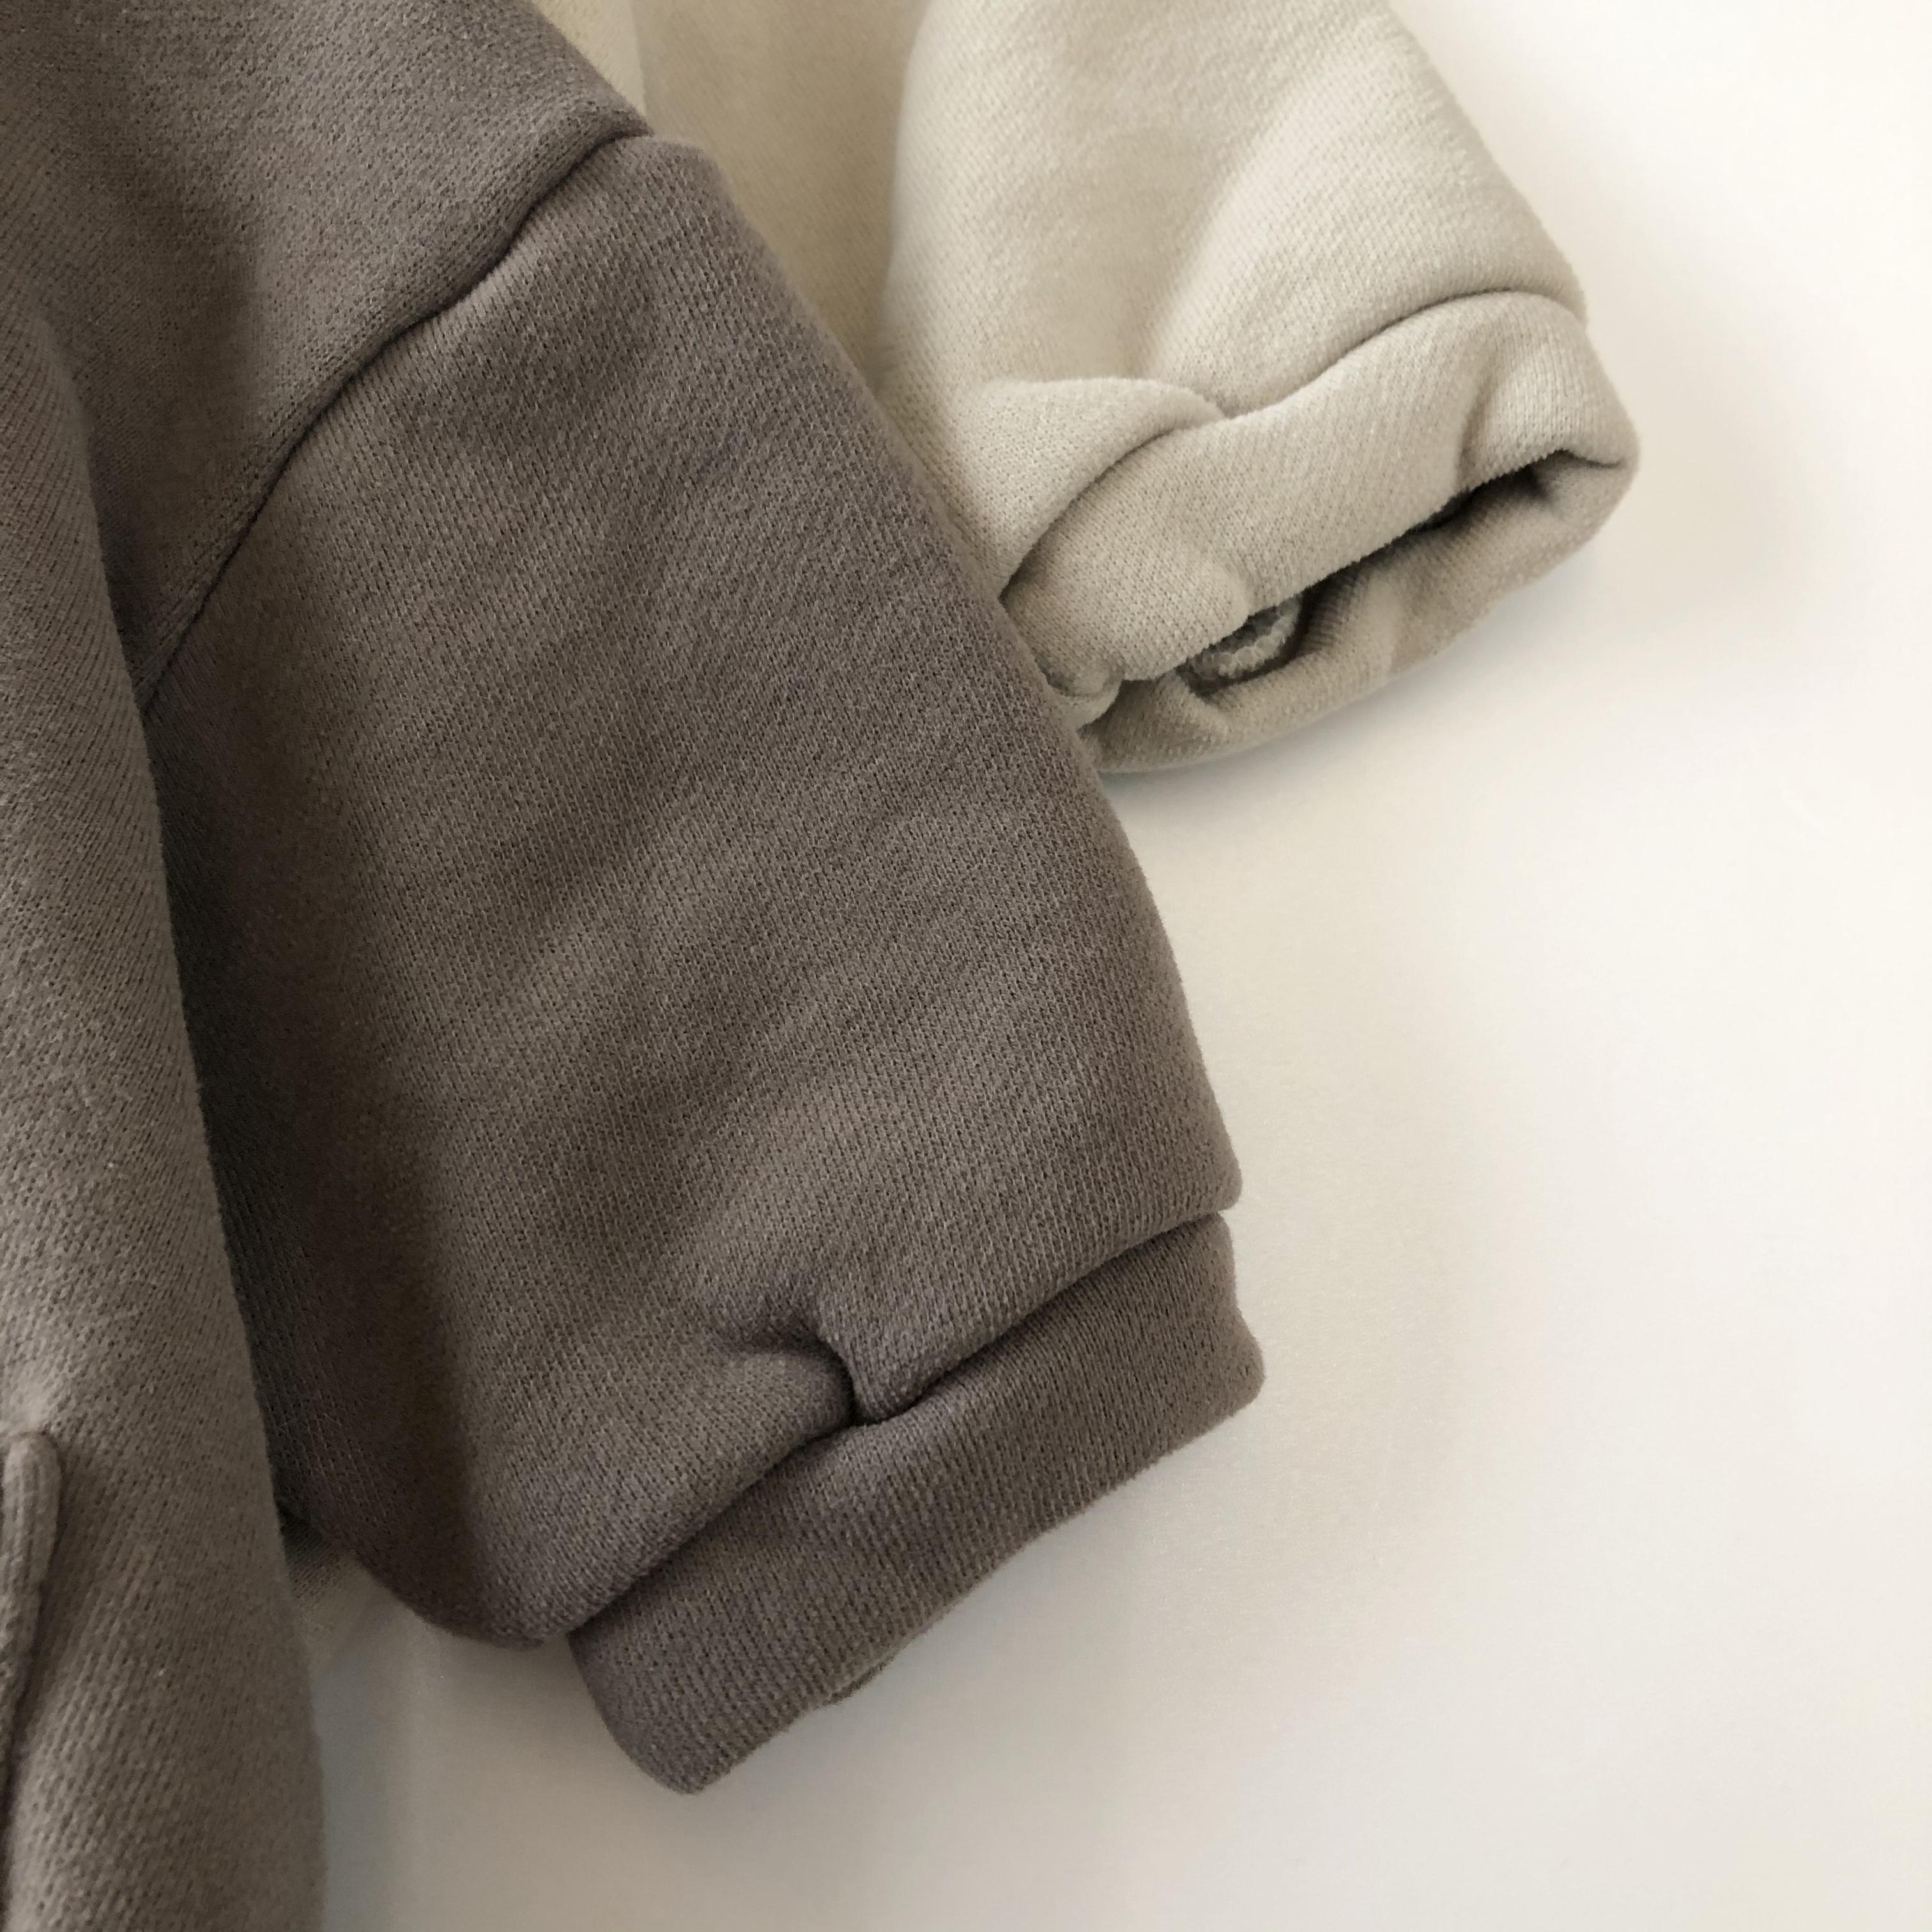 NO.973 bebe bagel suit